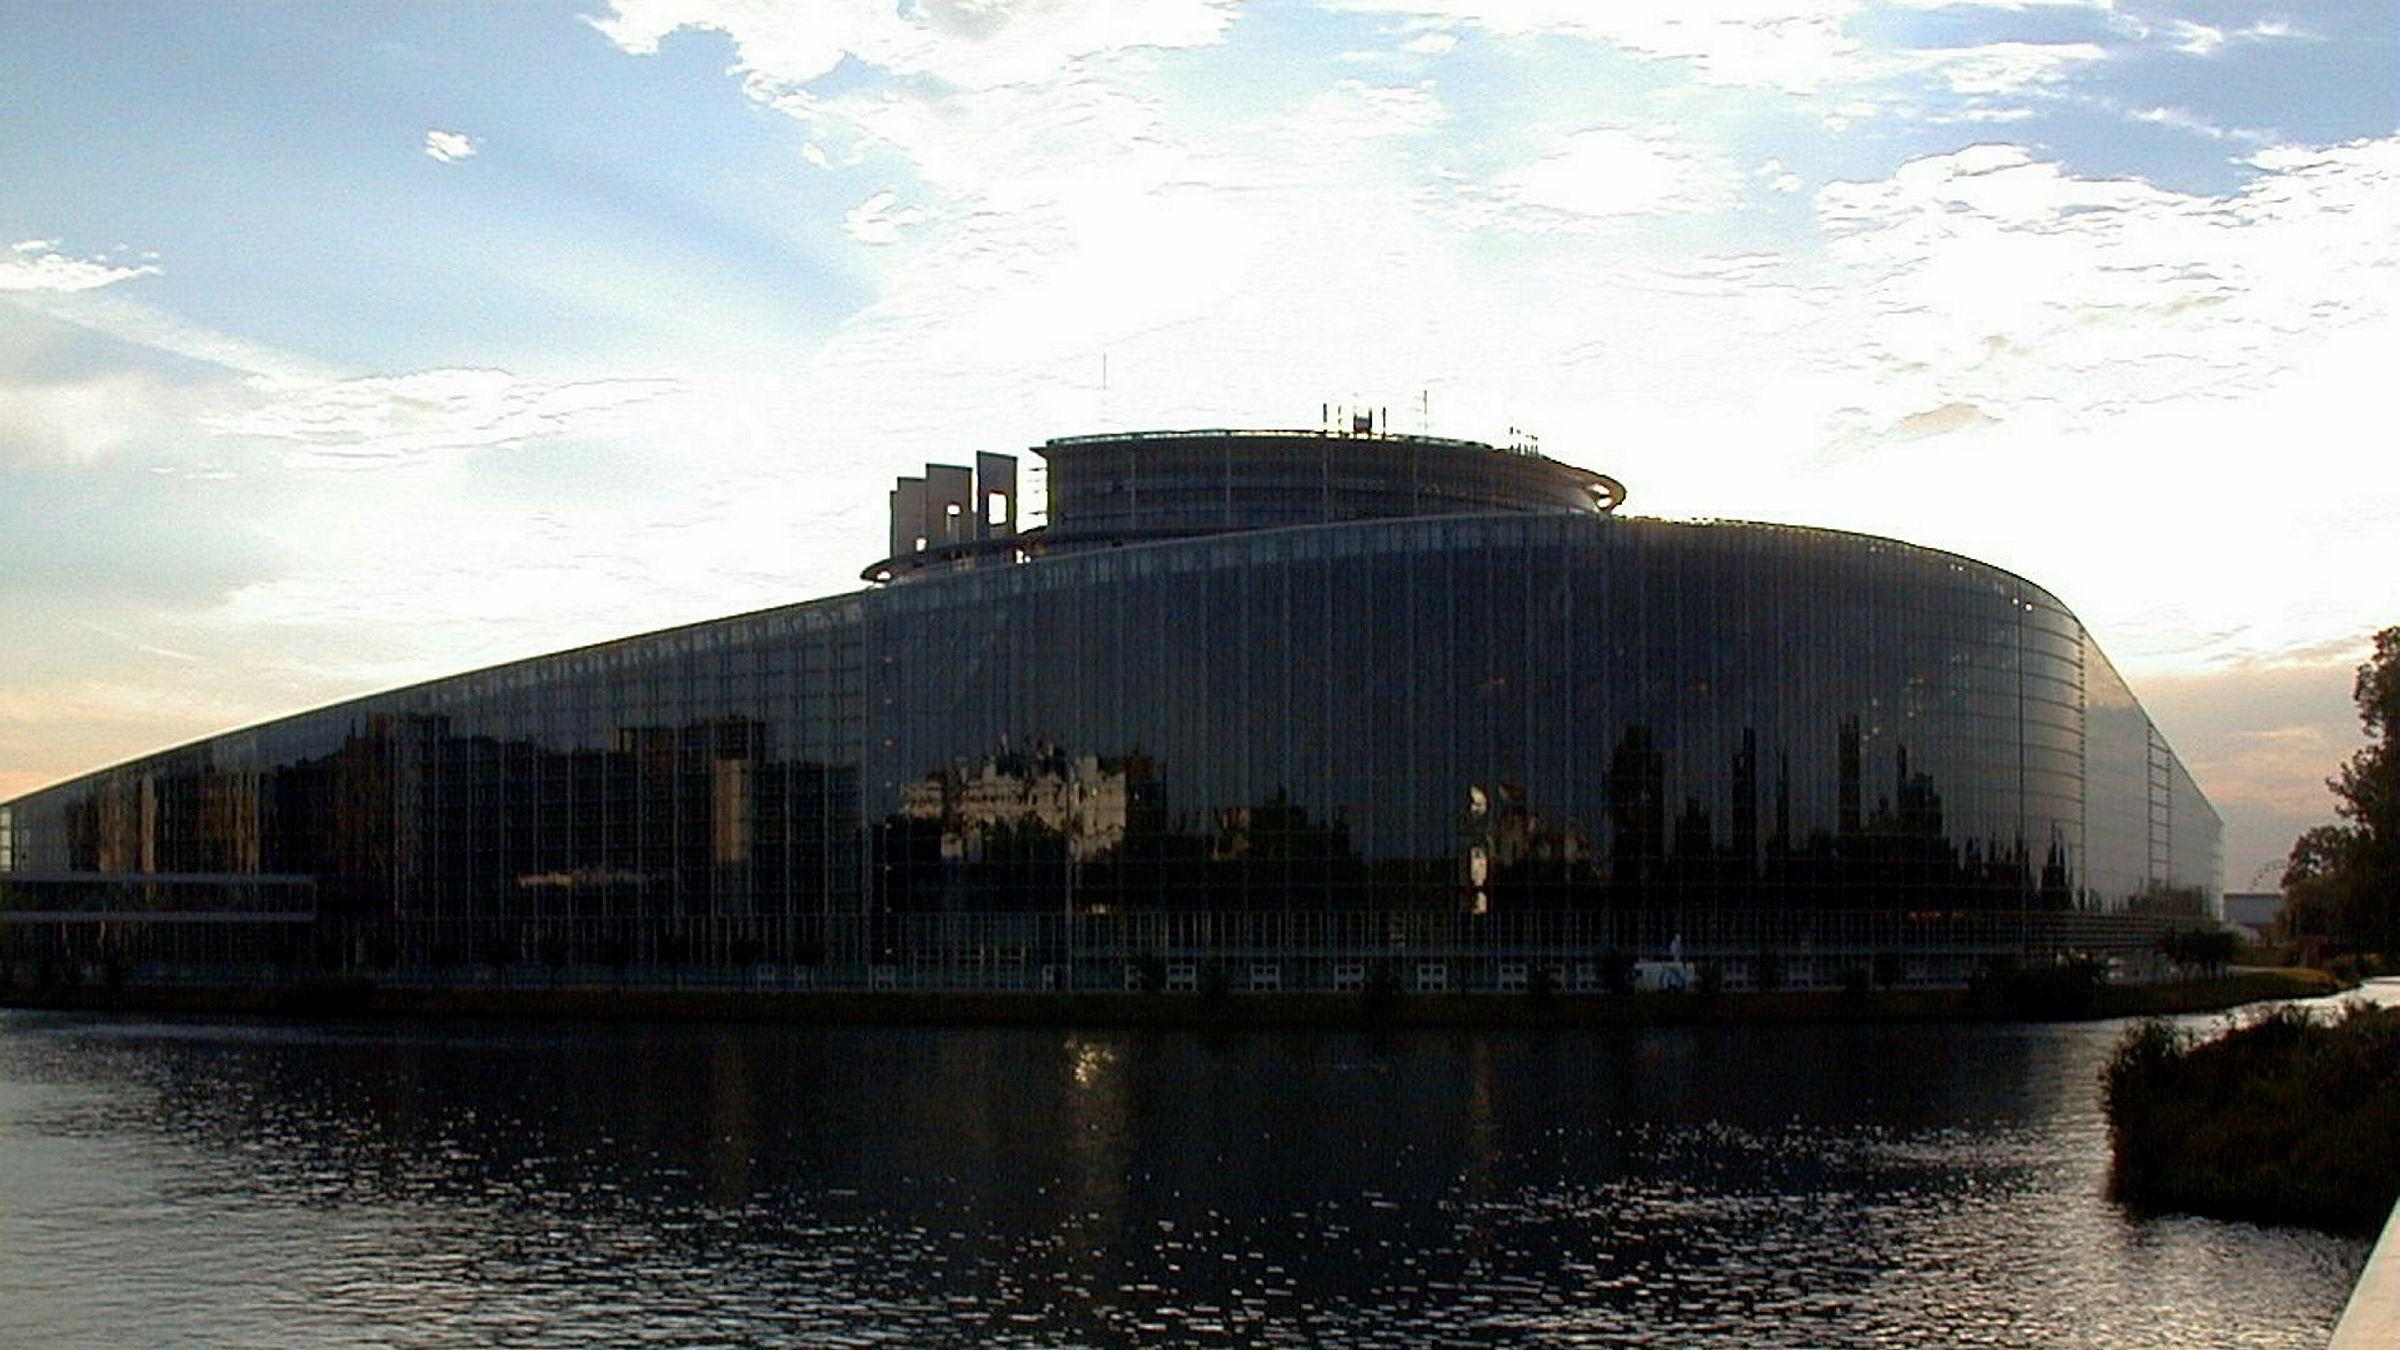 Torsdagens avstemning innebærer at saken skal opp til ny behandling og debatt i Europaparlamentet i september. Forhåpentlig vil dette føre til en endring av direktivforslaget som etablerer en bedre balanse mellom rettighetshavere og internettbrukere, skriver innleggsforfatteren. Her Europaparlamentet i utkanten av Strasbourg, Frankrike.